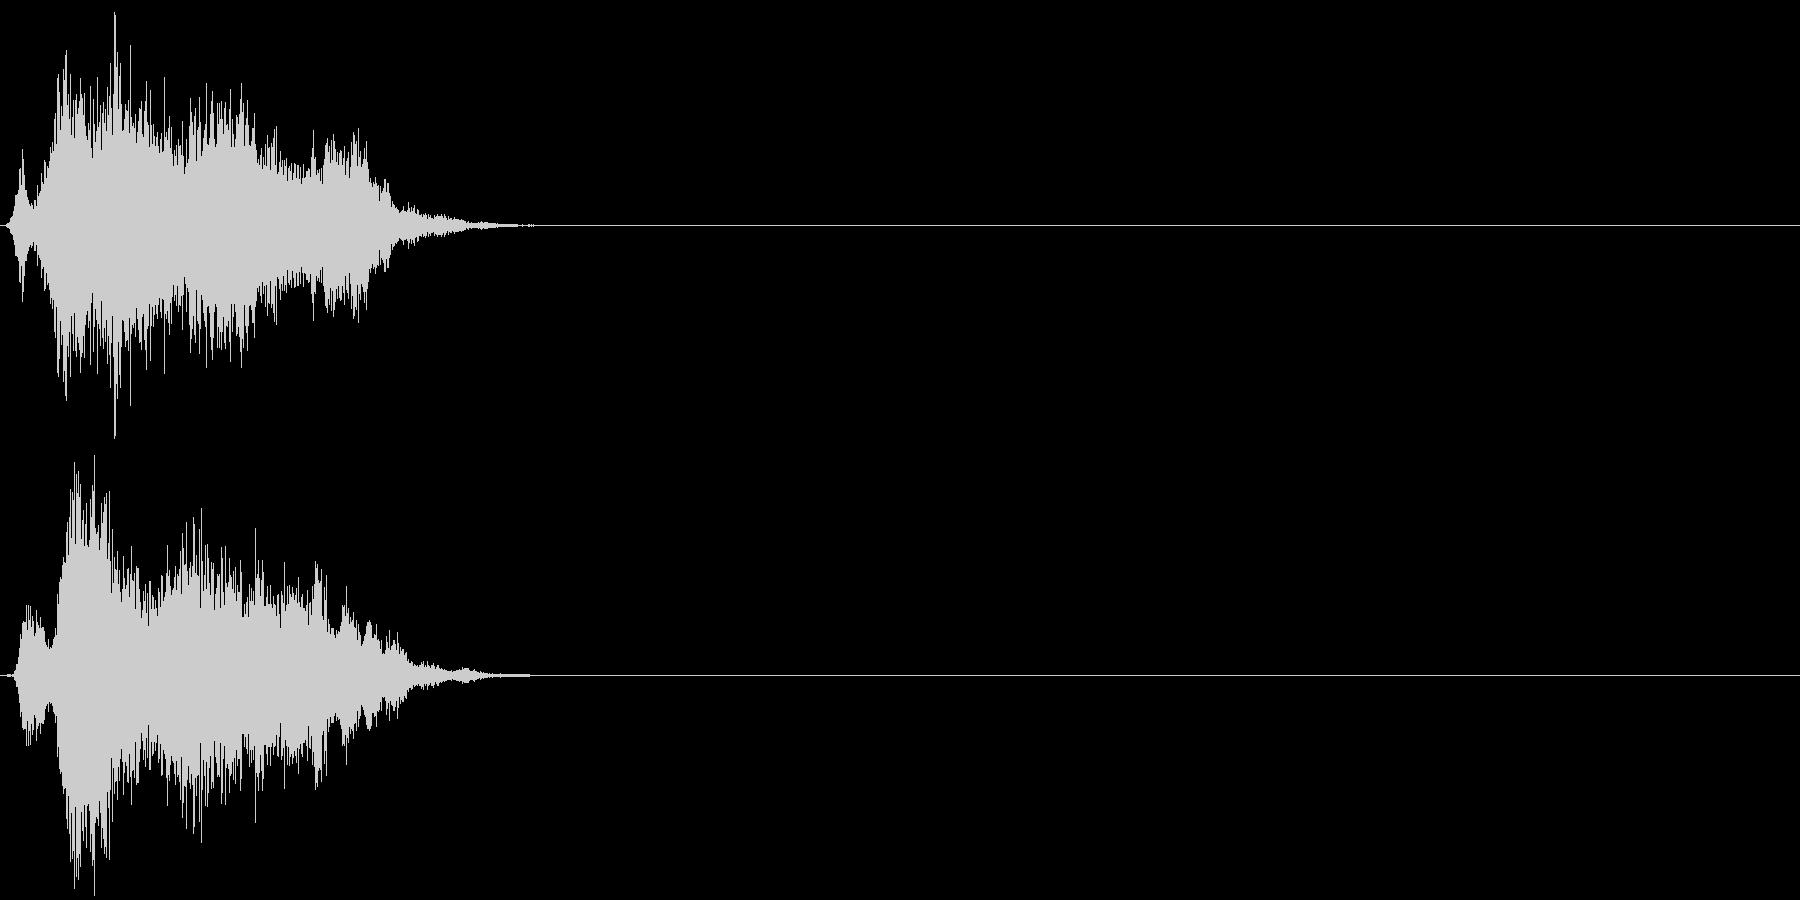 【ゲーム2】刀 ジャキン シャキン 金属の未再生の波形